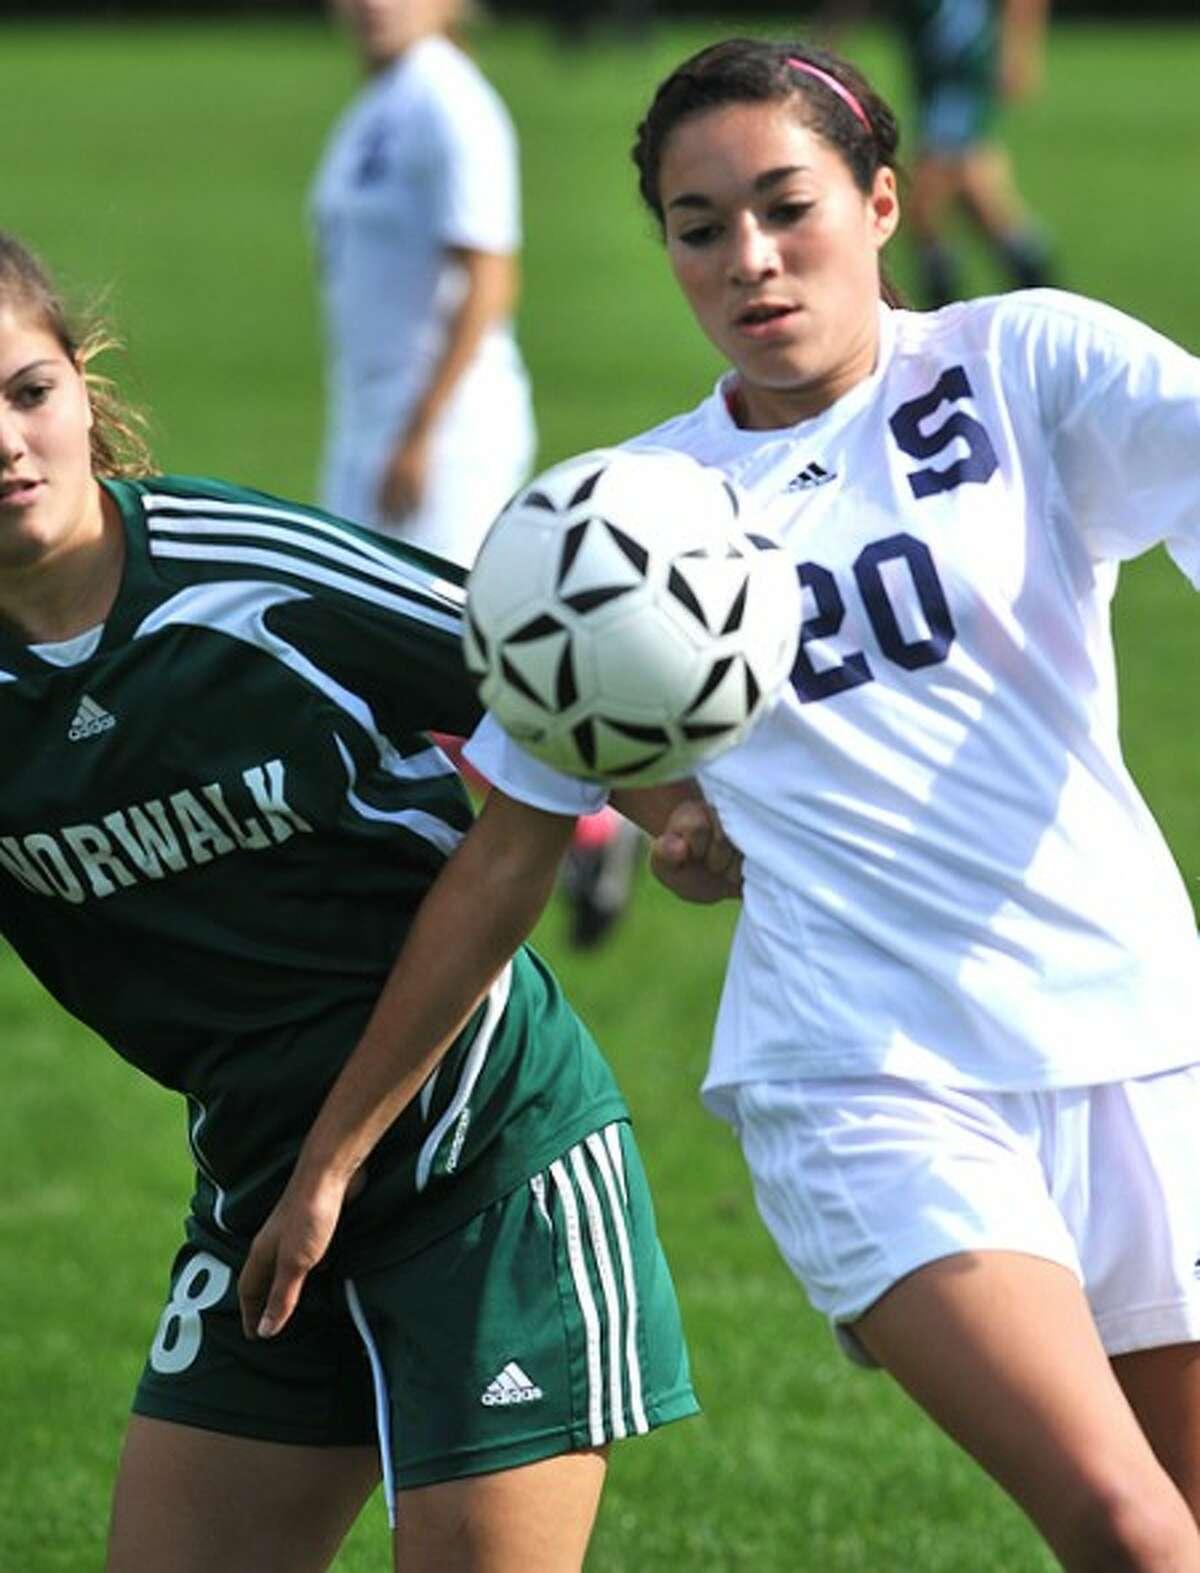 Photo/Alex von Kleydorff. Staples #20 and Norwalks #8 girls soccer at Staples